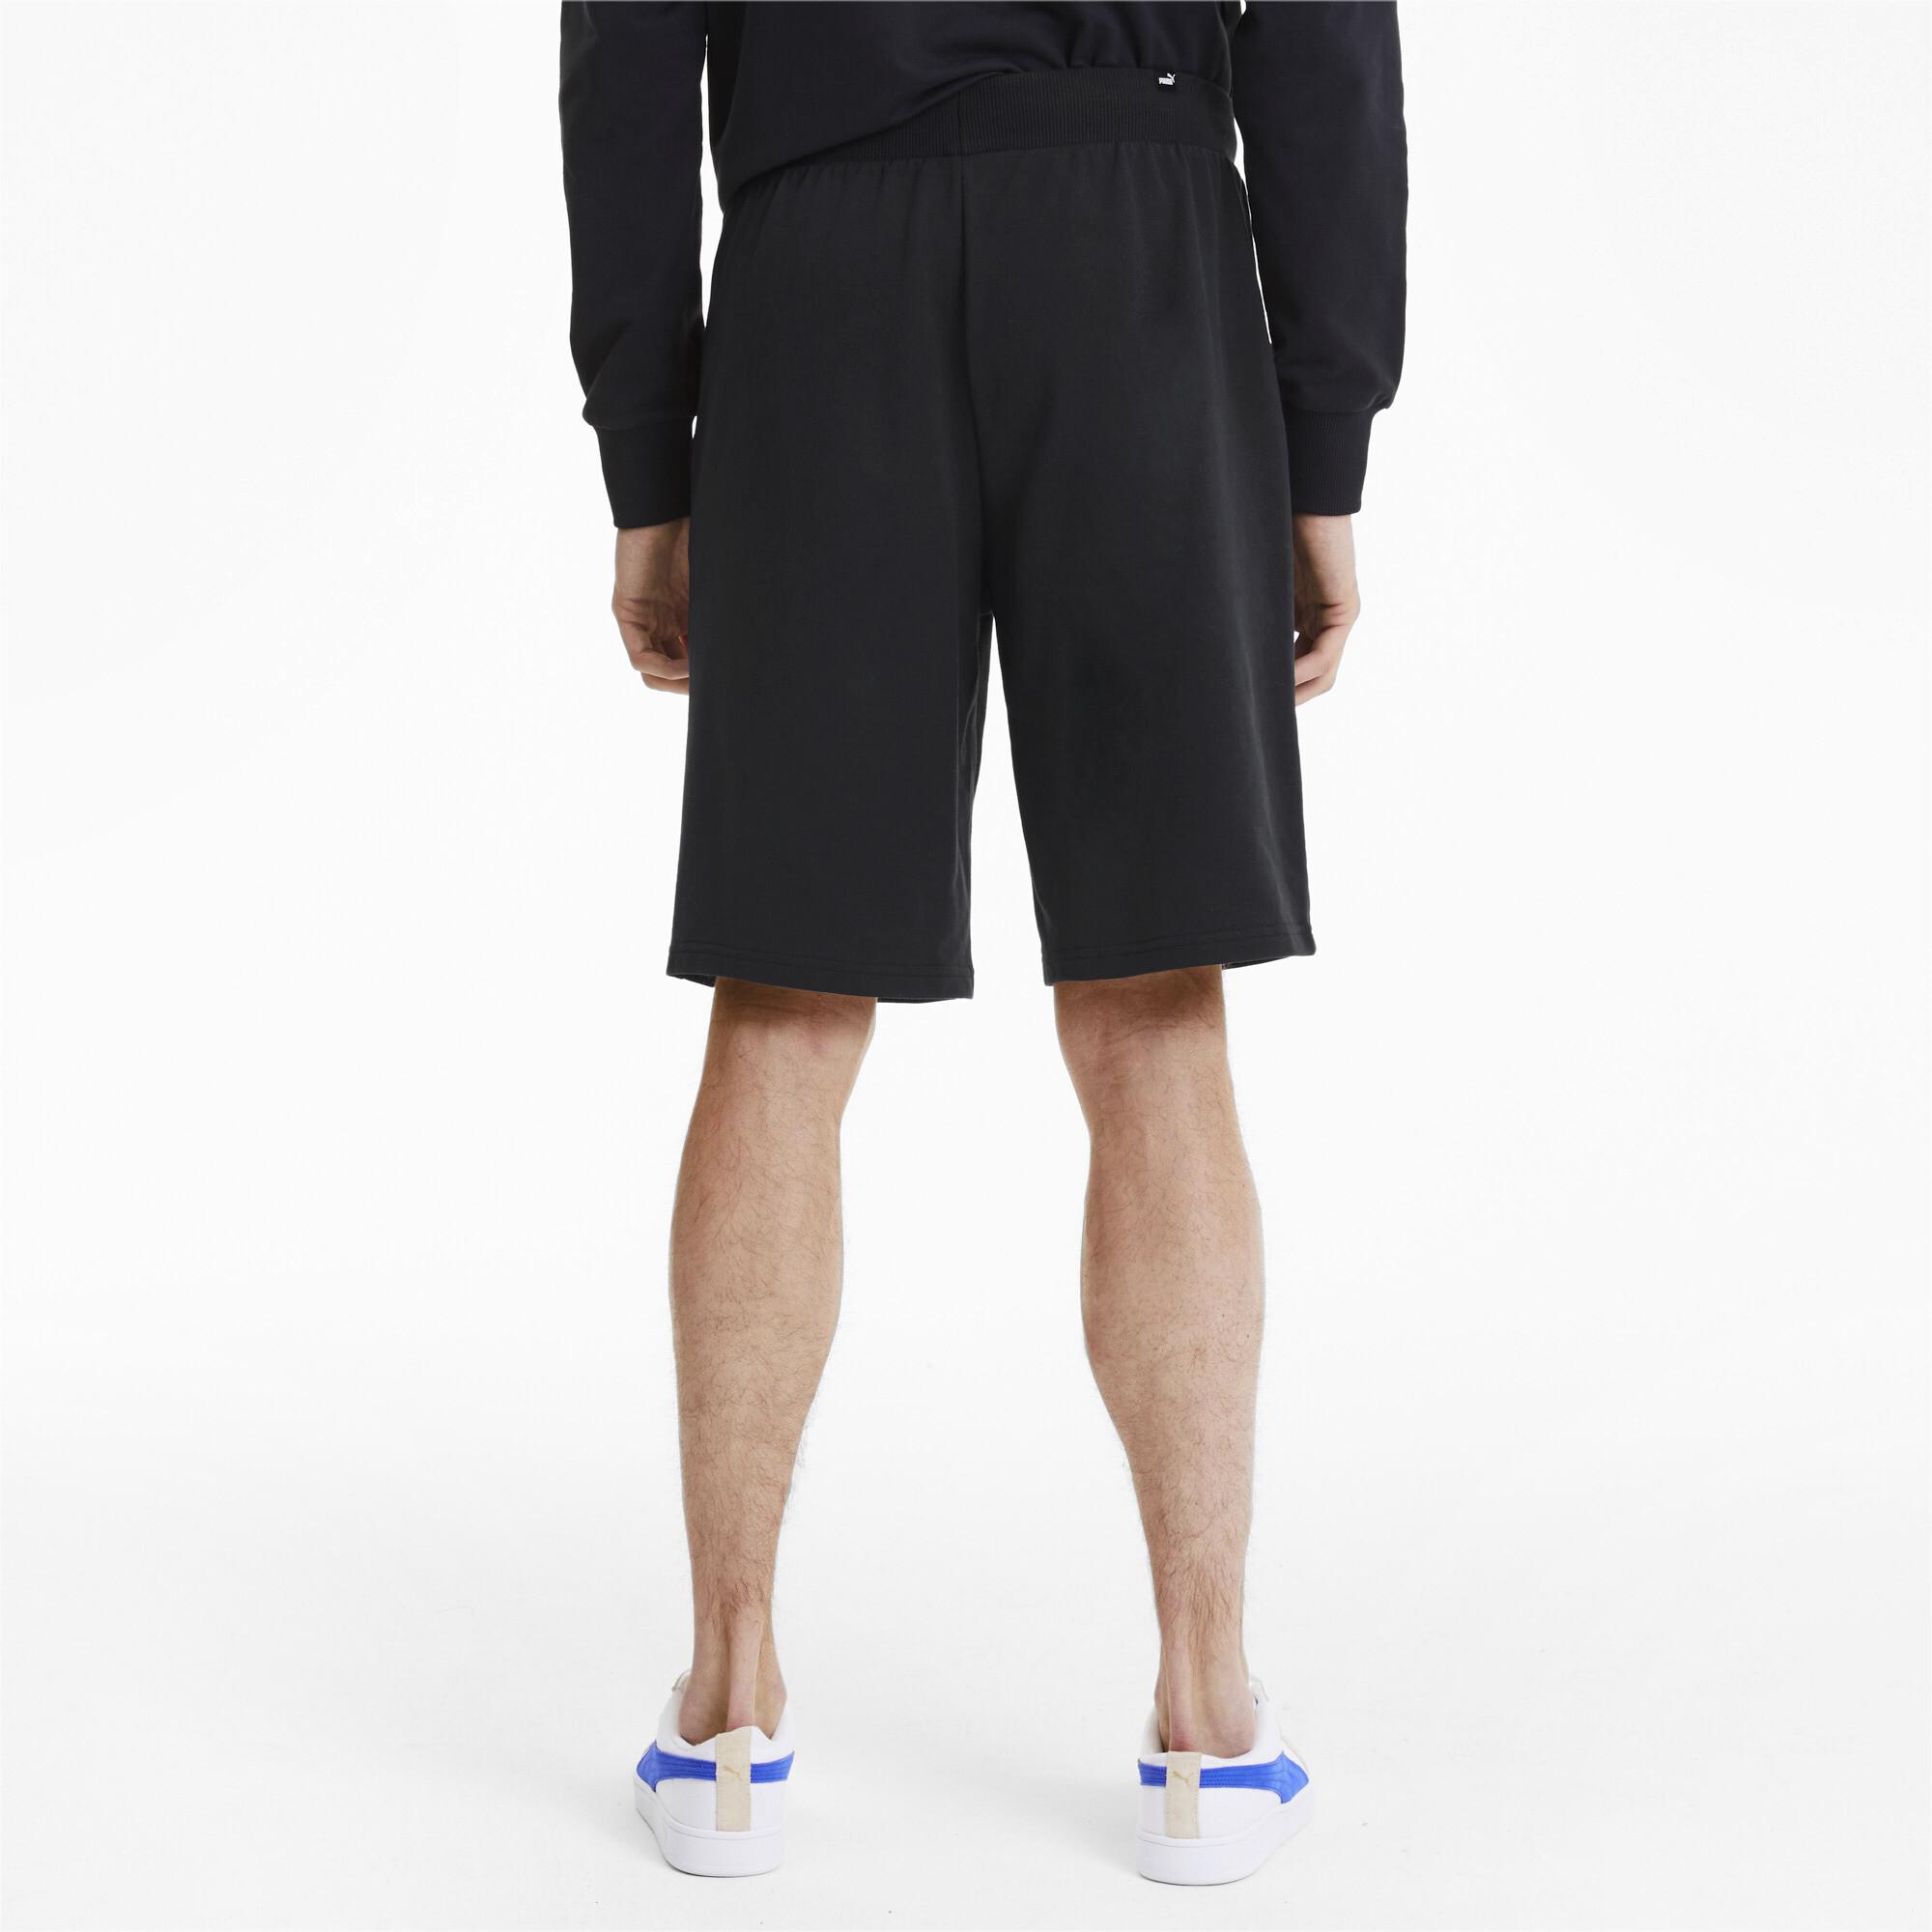 PUMA-Celebration-Men-039-s-Shorts-Men-Knitted-Shorts-Basics thumbnail 5